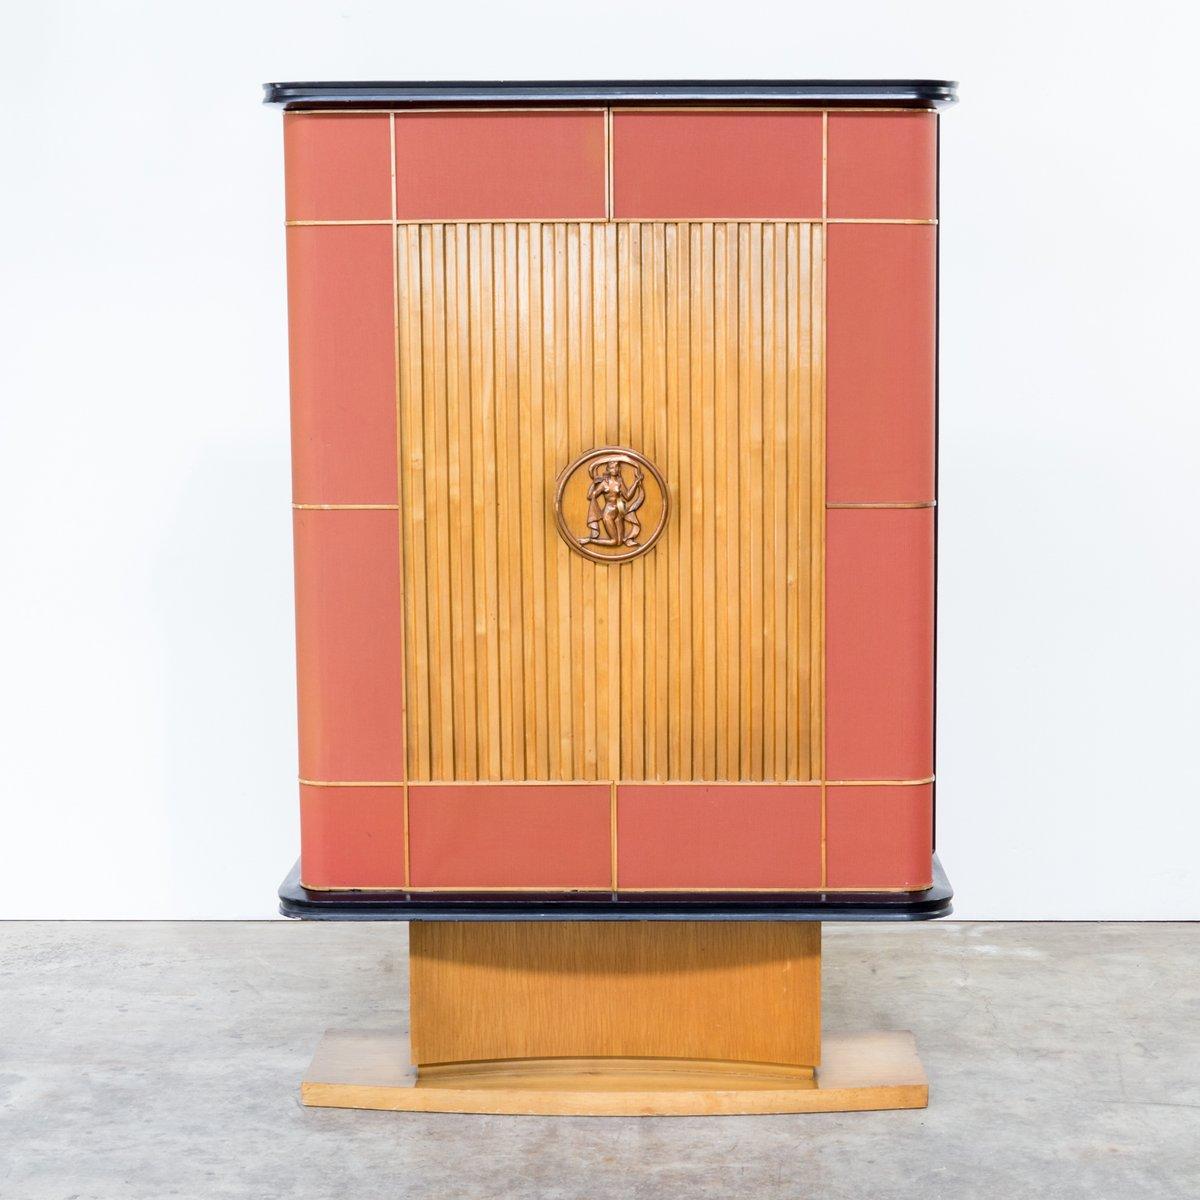 meuble art d co 1930s en vente sur pamono. Black Bedroom Furniture Sets. Home Design Ideas